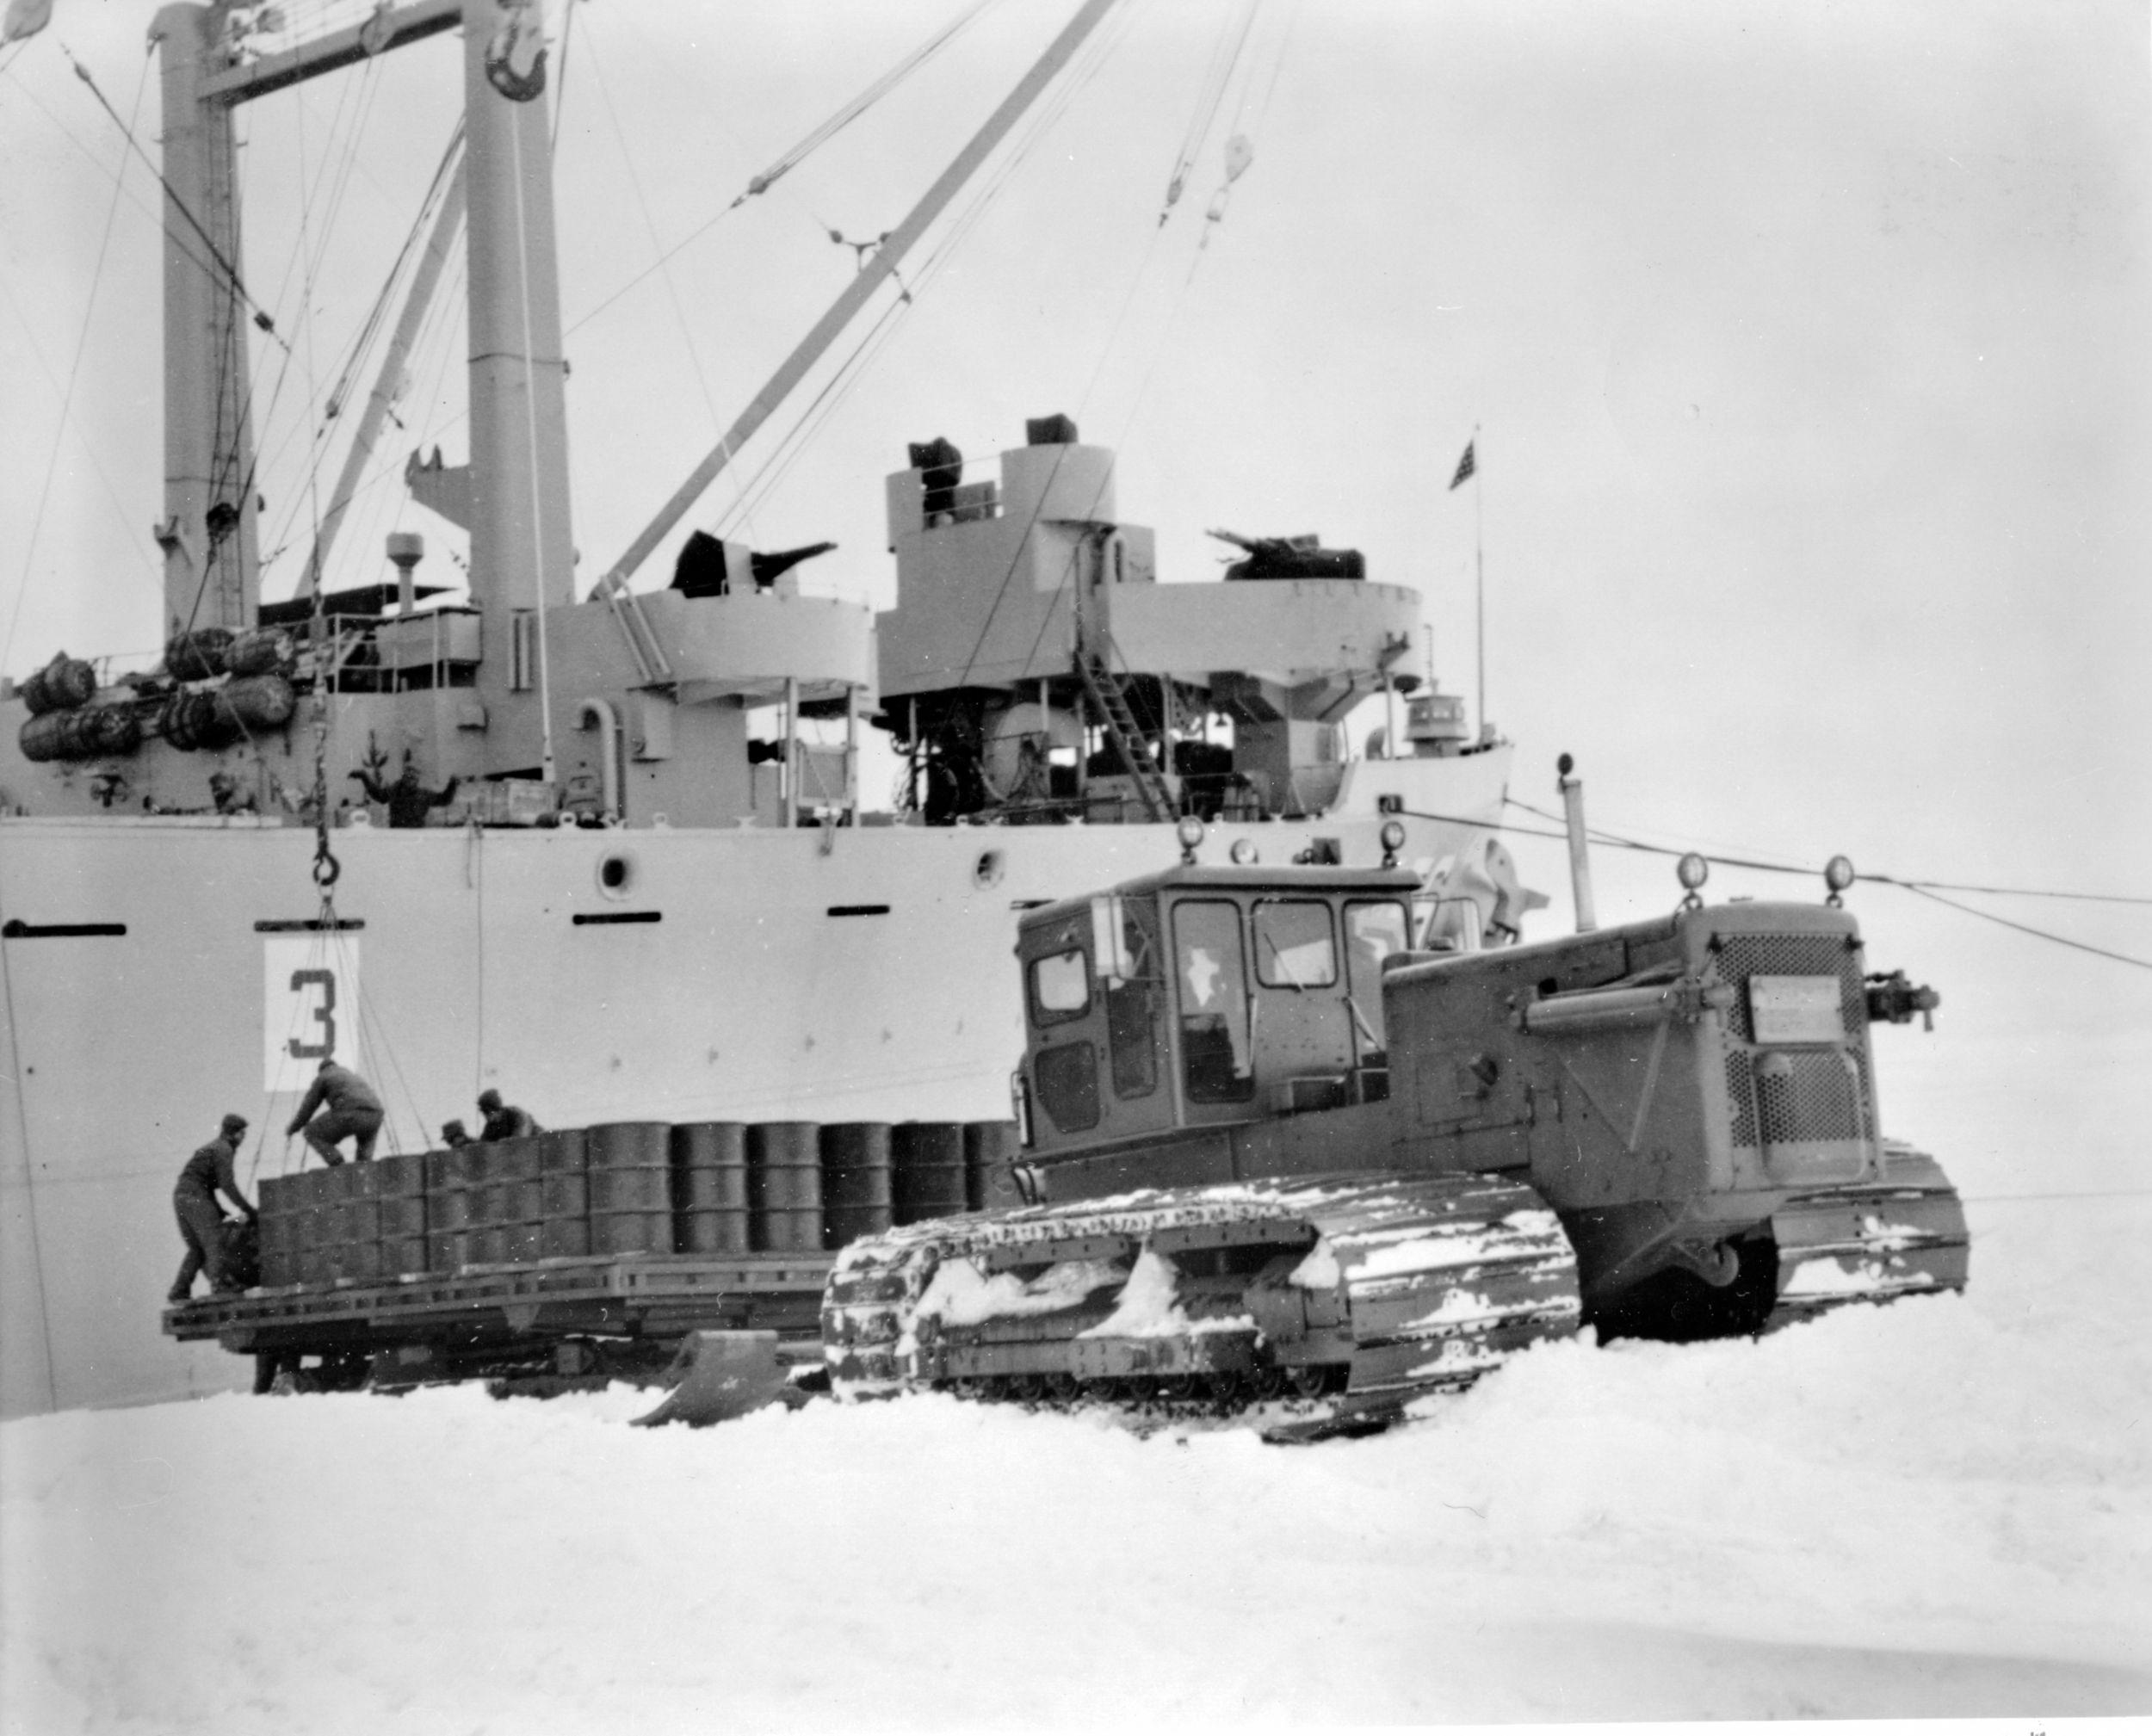 Caterpillar equipment is used for scientific development in Antarctica.